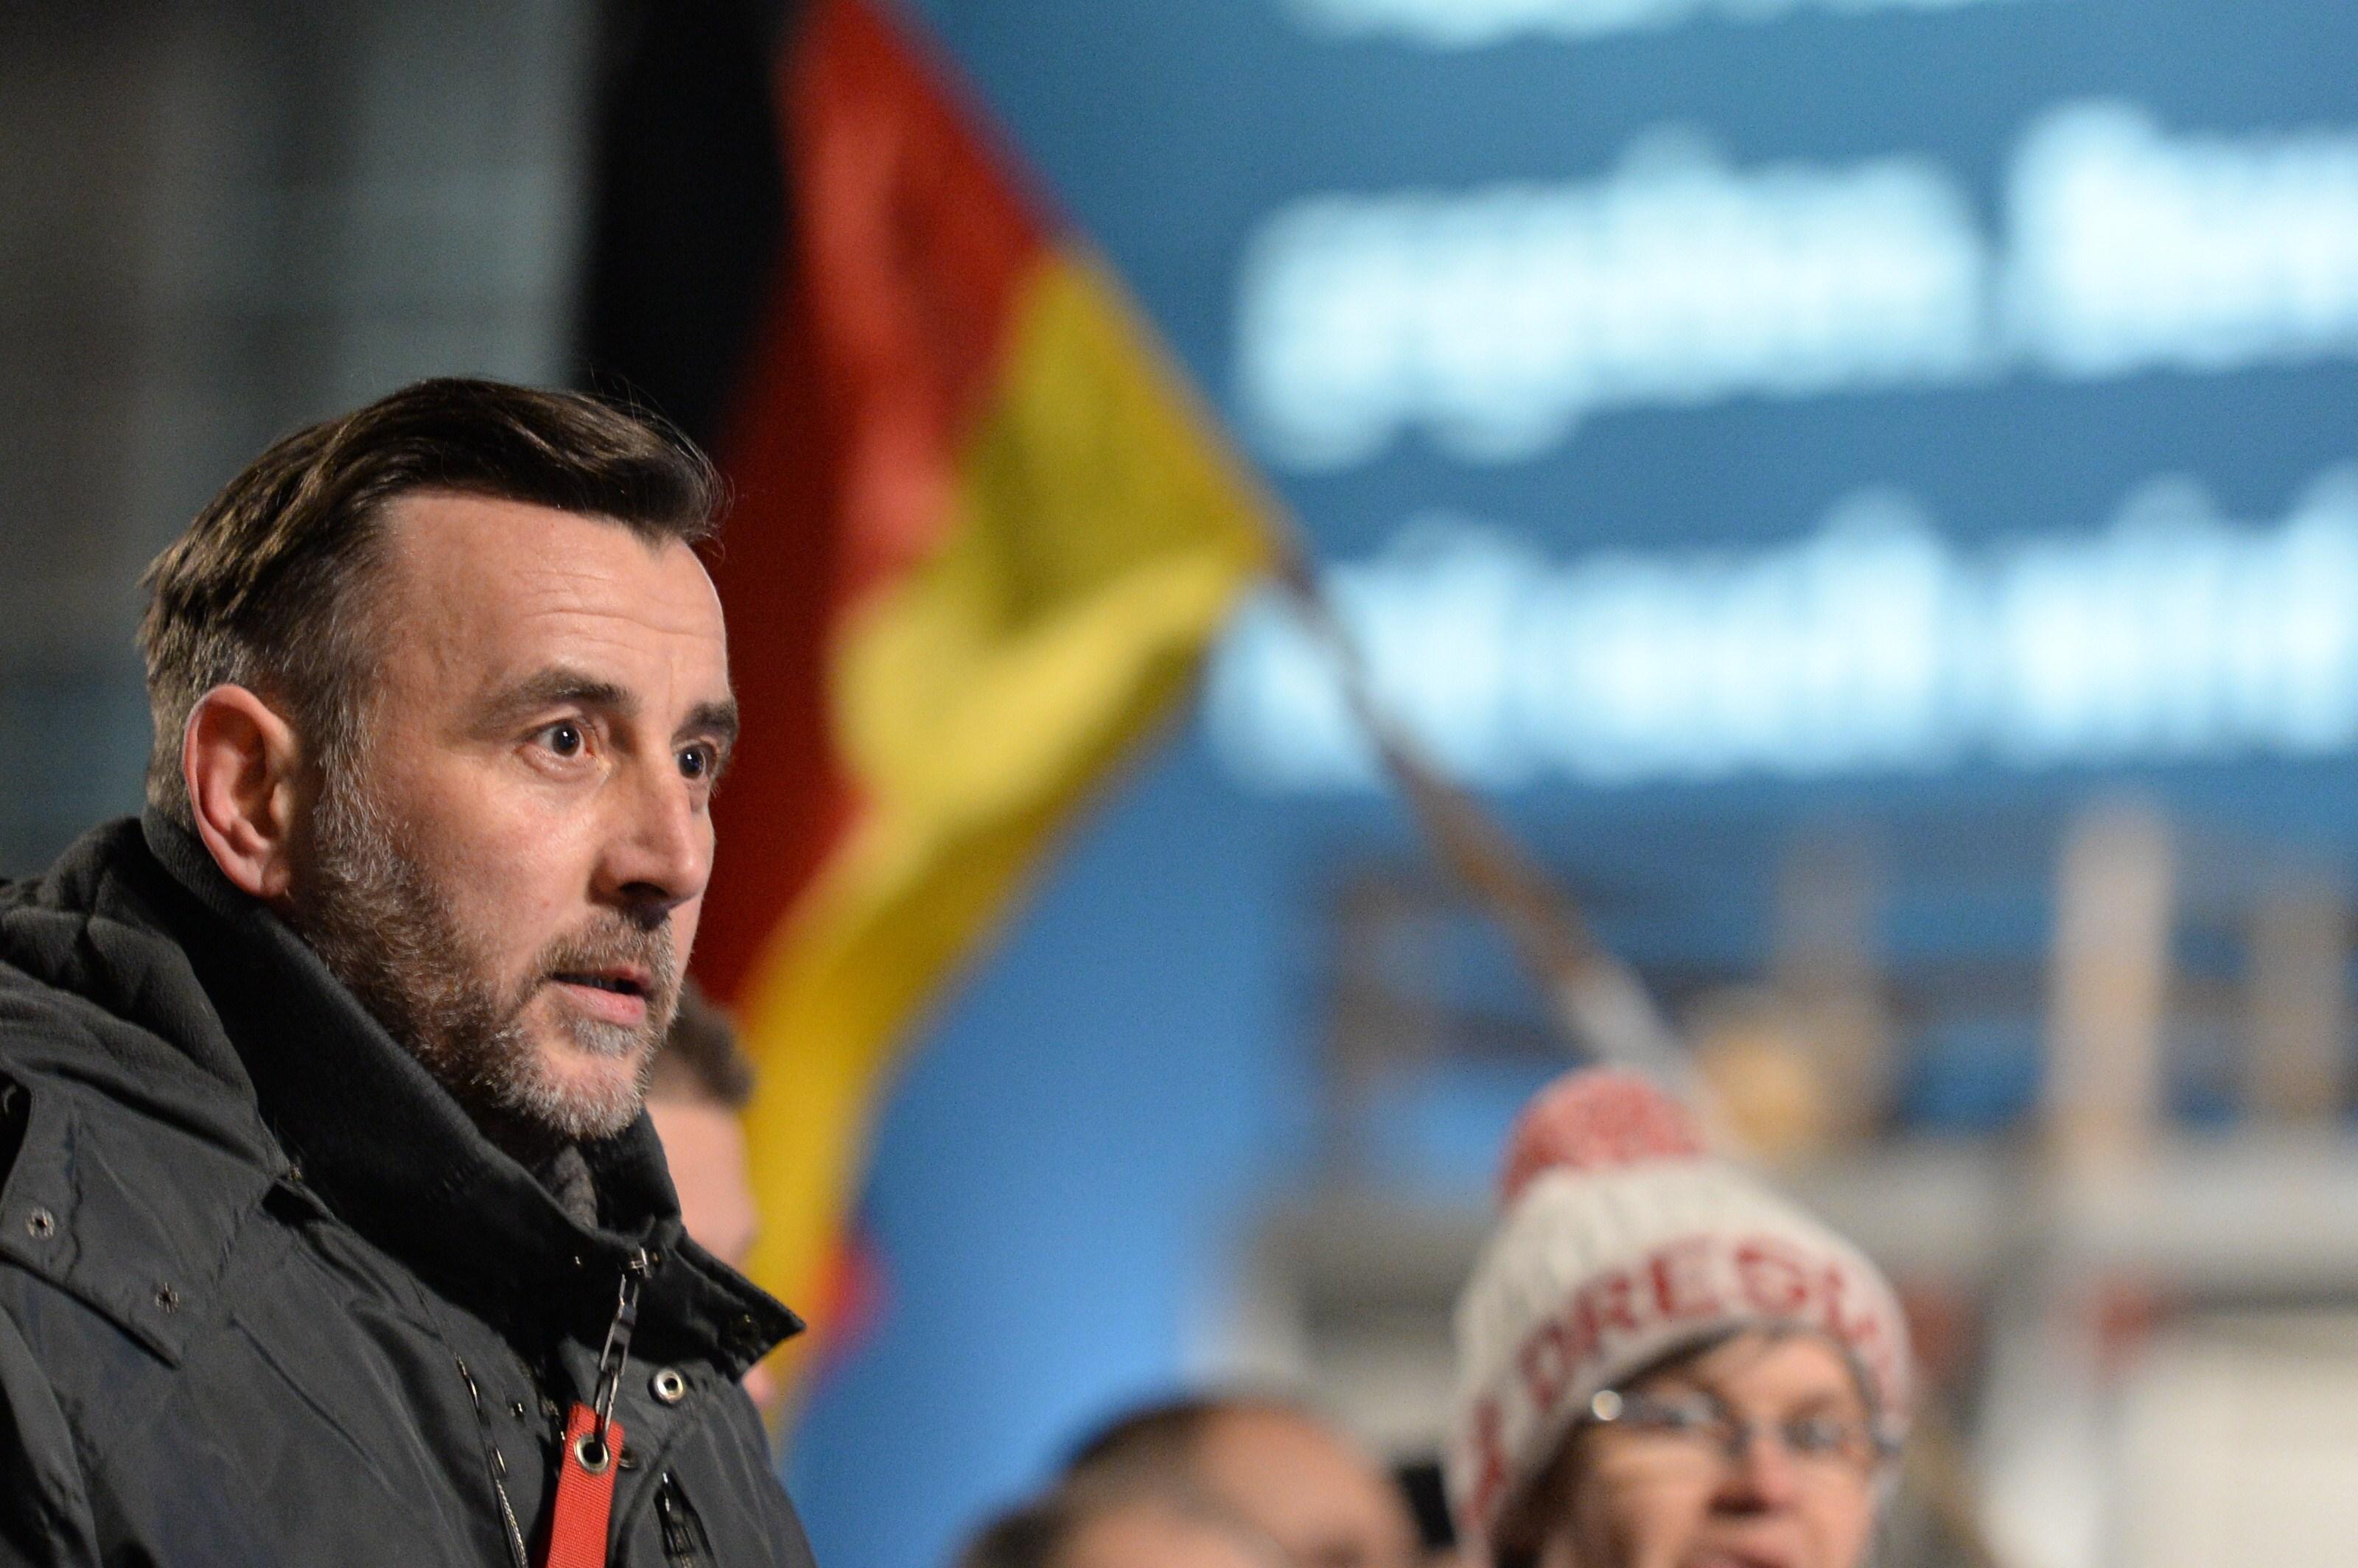 """Lutz Bachmanns Rede zum 9. November """"für Frieden und verantwortungsvolle Politik"""""""